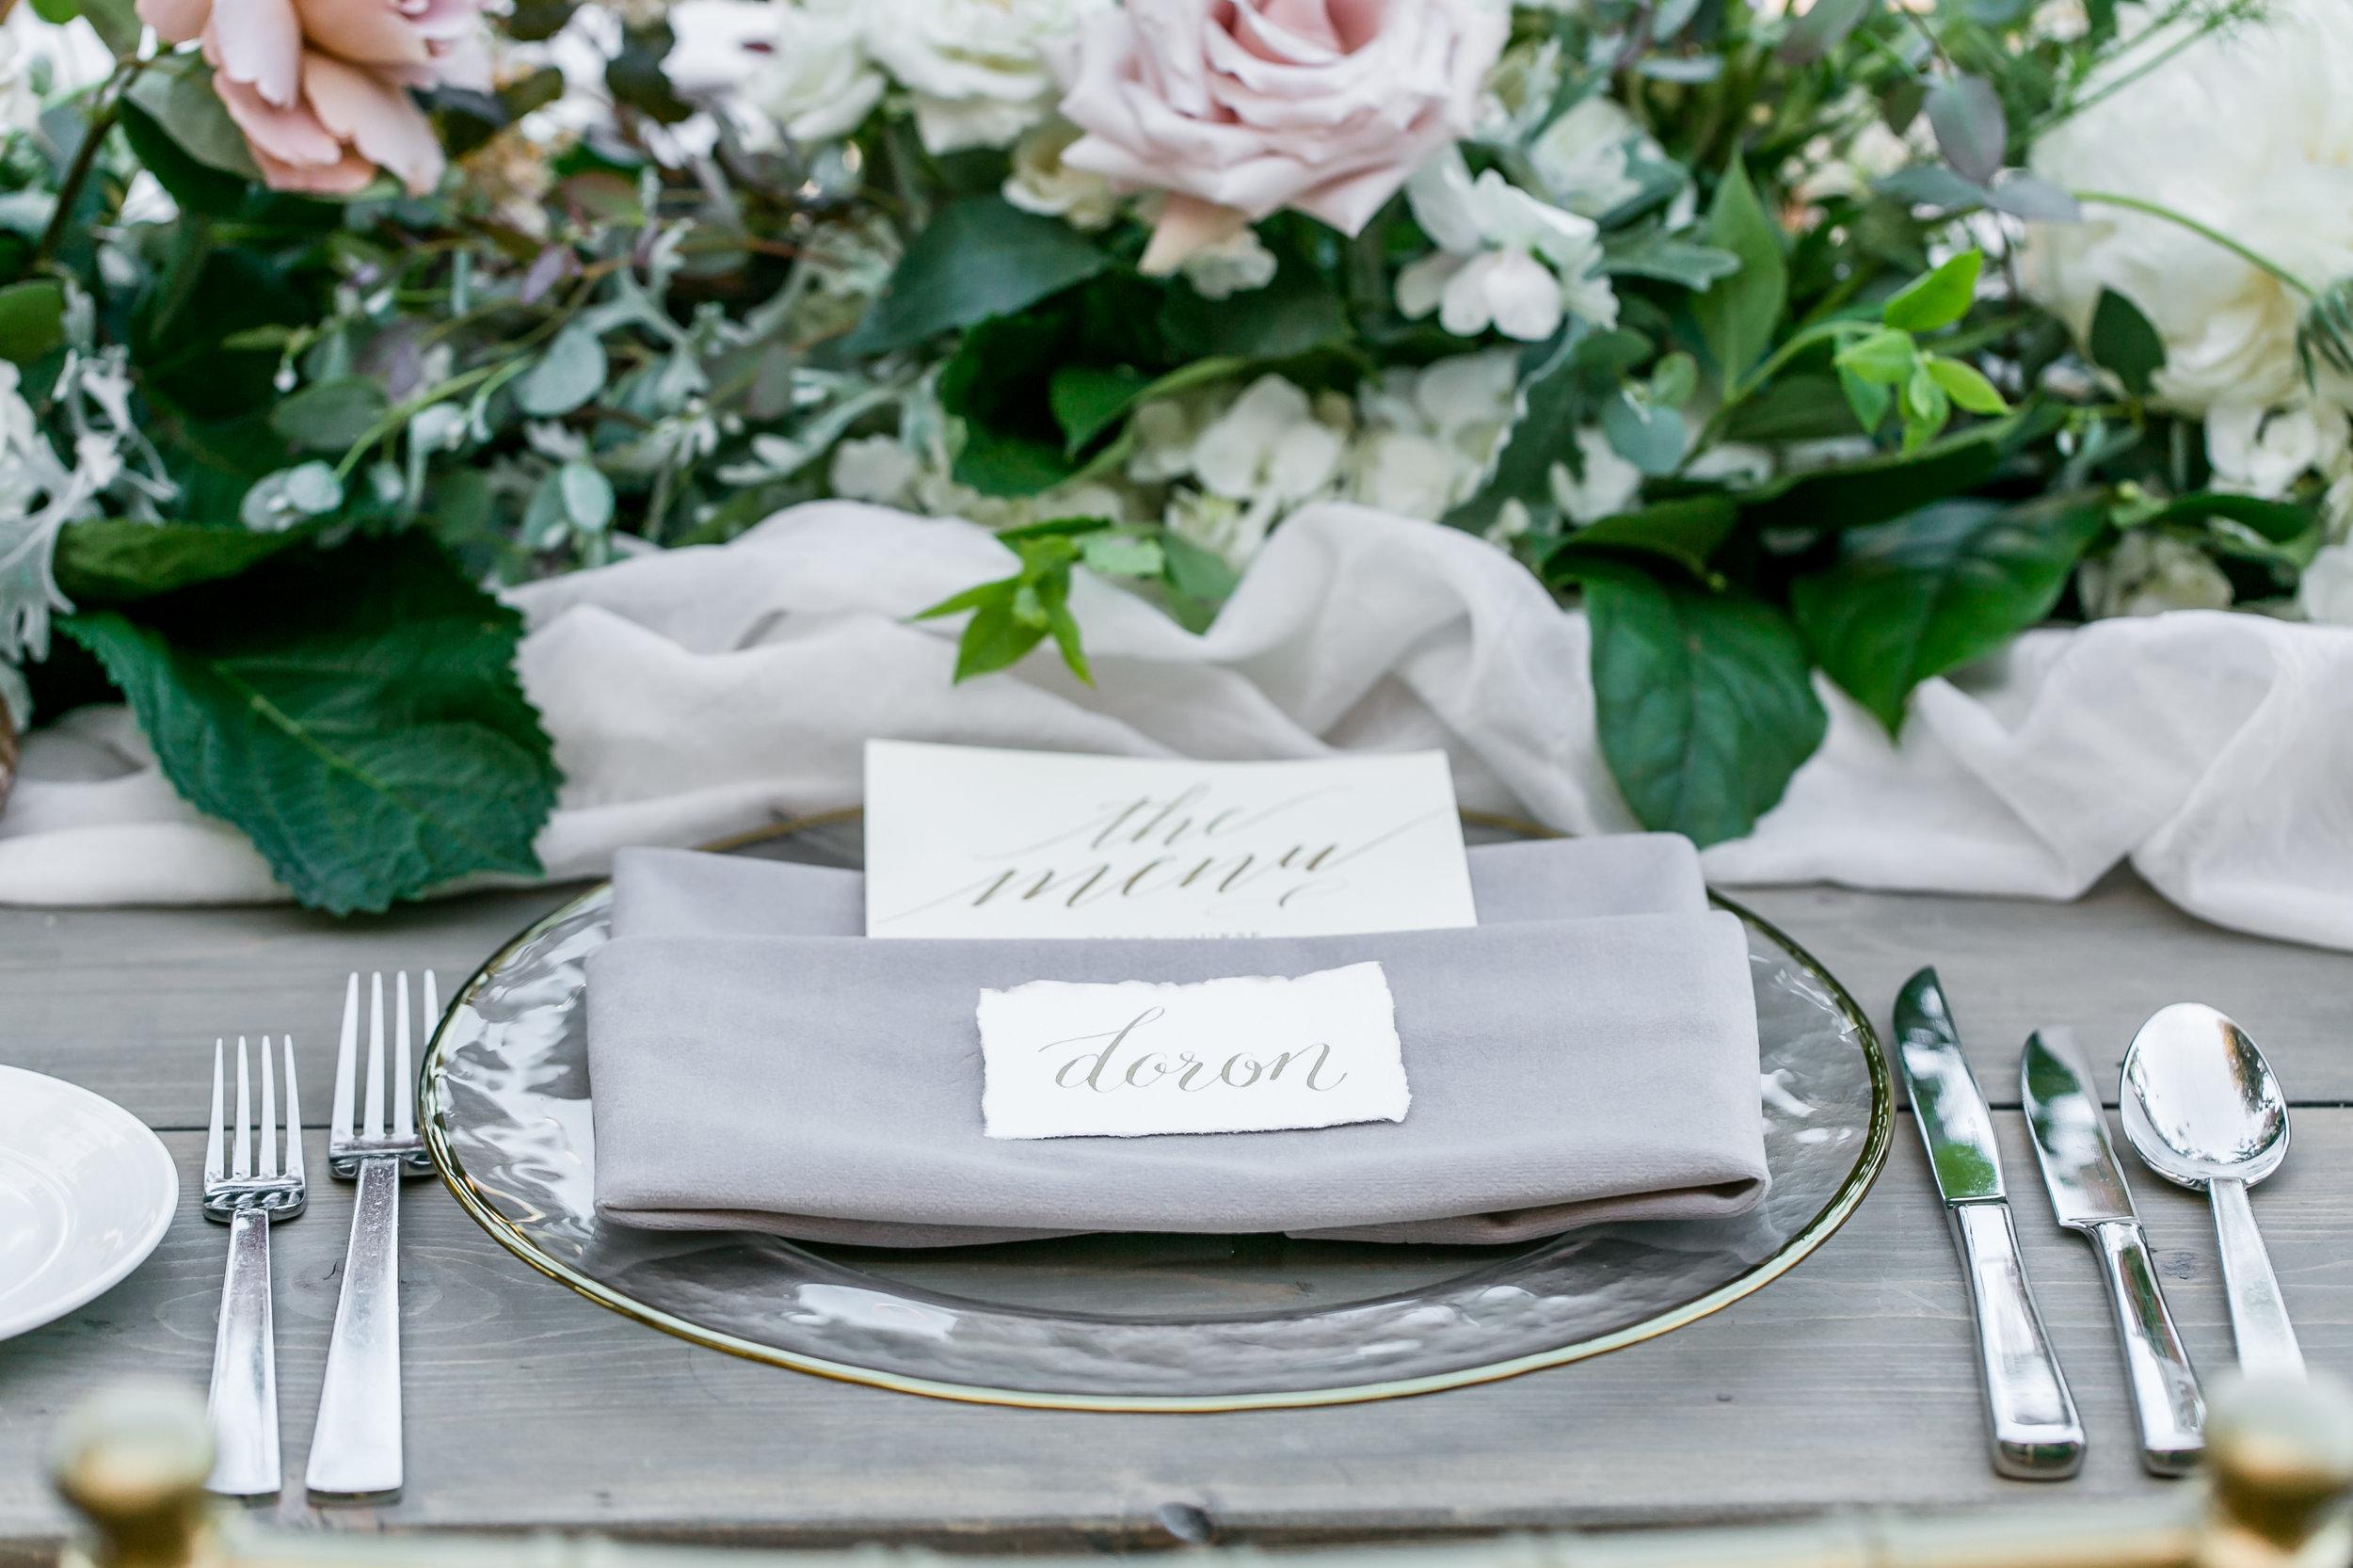 Julie_Ferneau-blooms-rancho-valencia-ribeau-wedding-rancho-santa-fe-luxury-garden-wedding-26.jpg